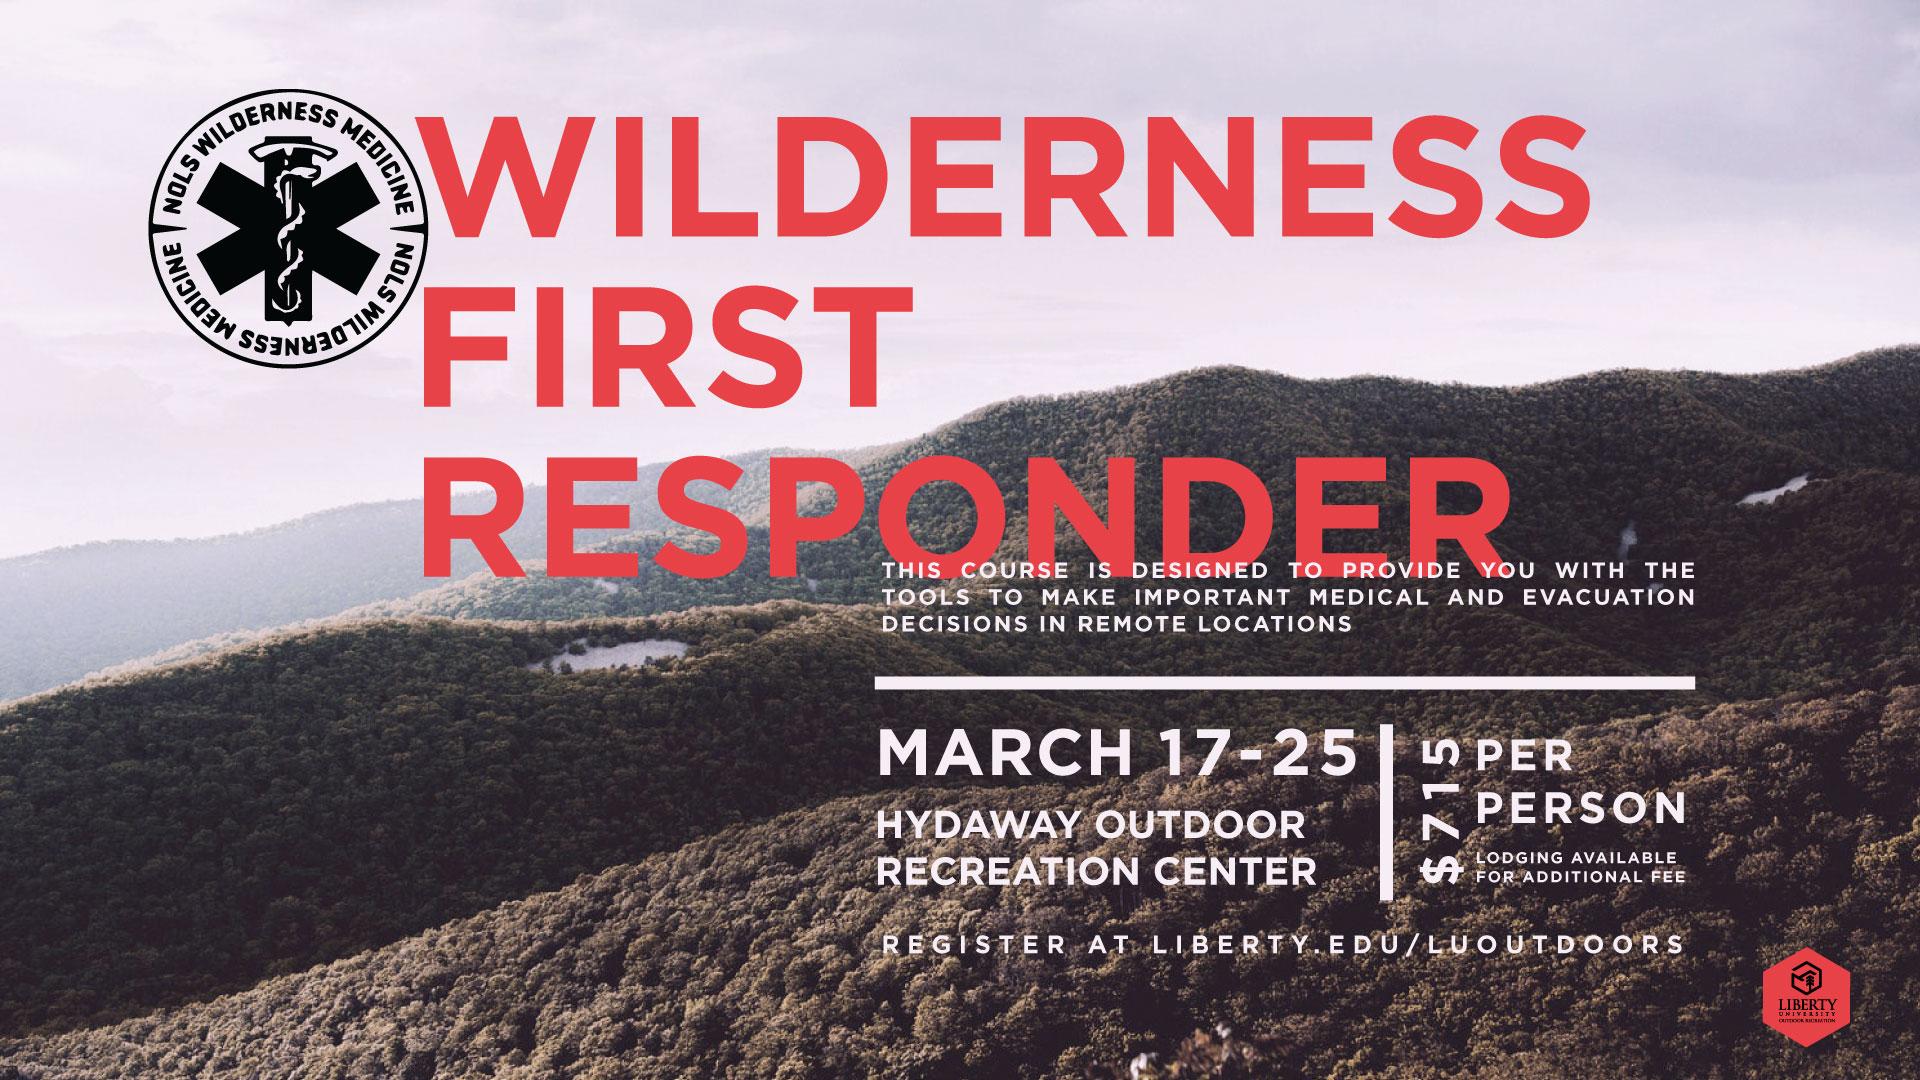 Outdoor Recreation Wilderness First Responder